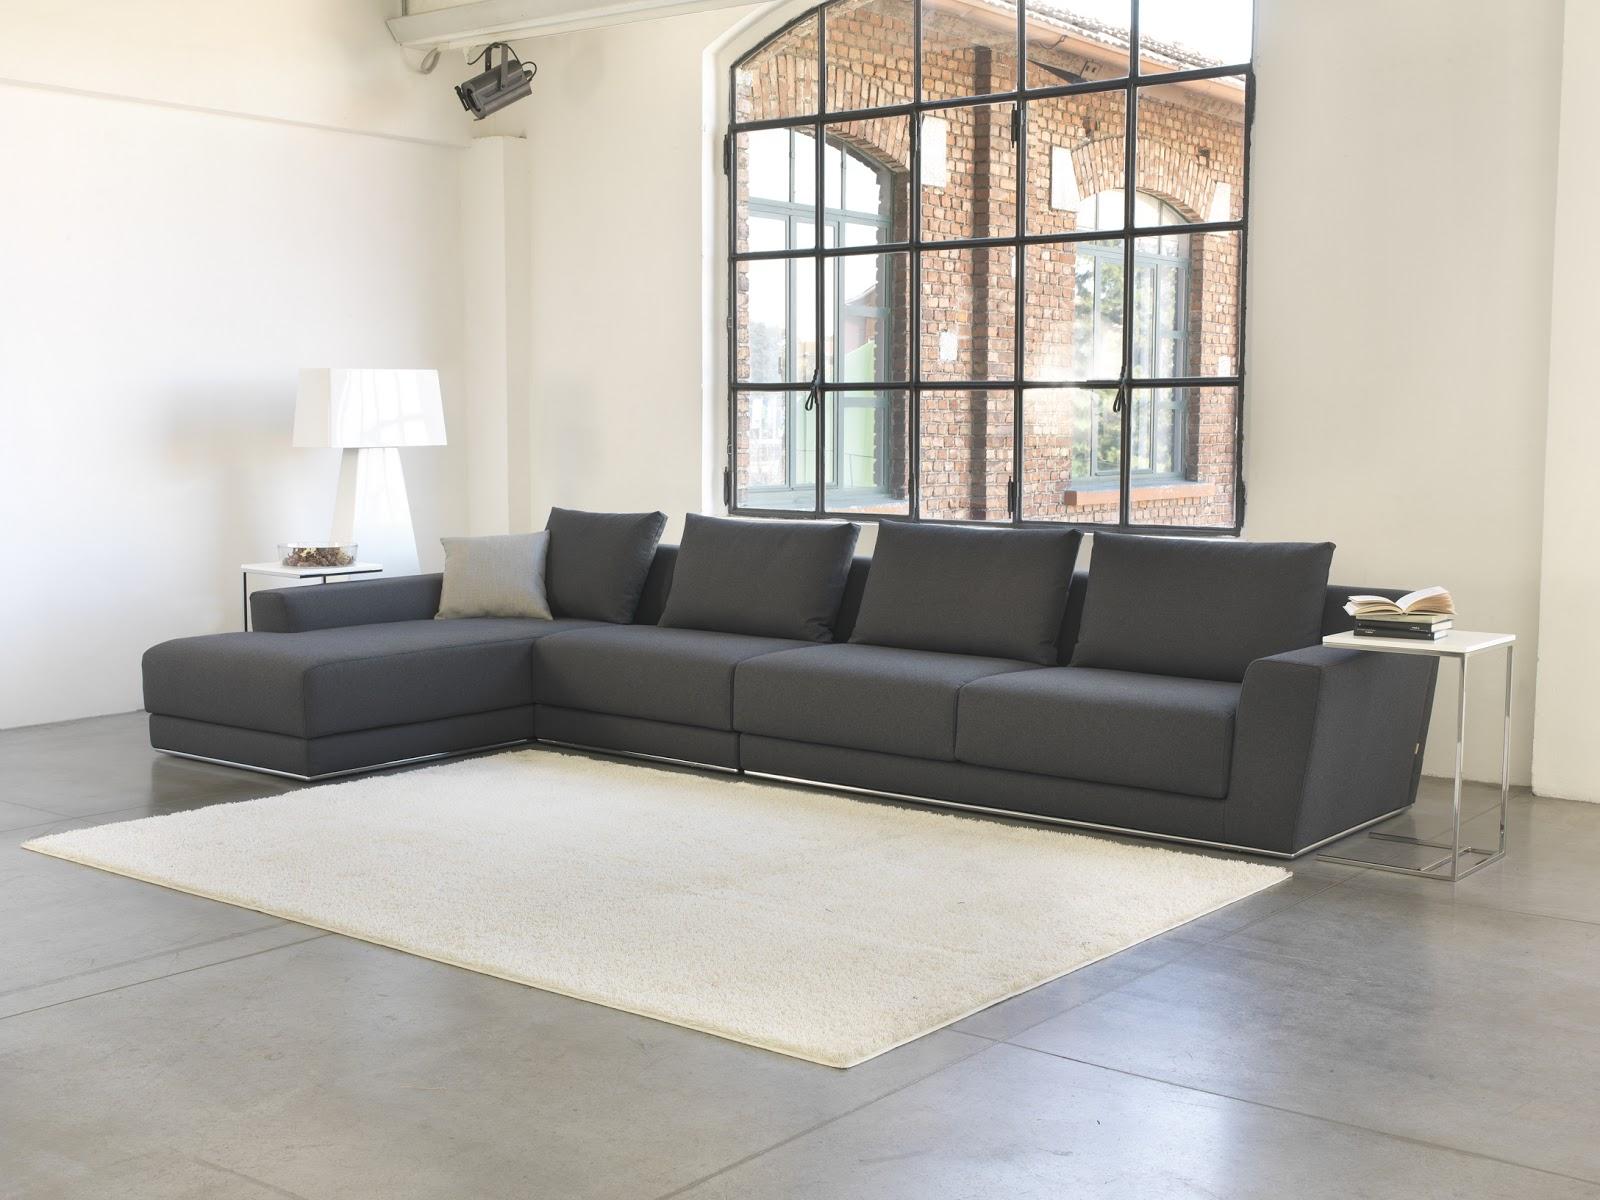 Divani e divani letto su misura produzione e vendita for Vendita divani